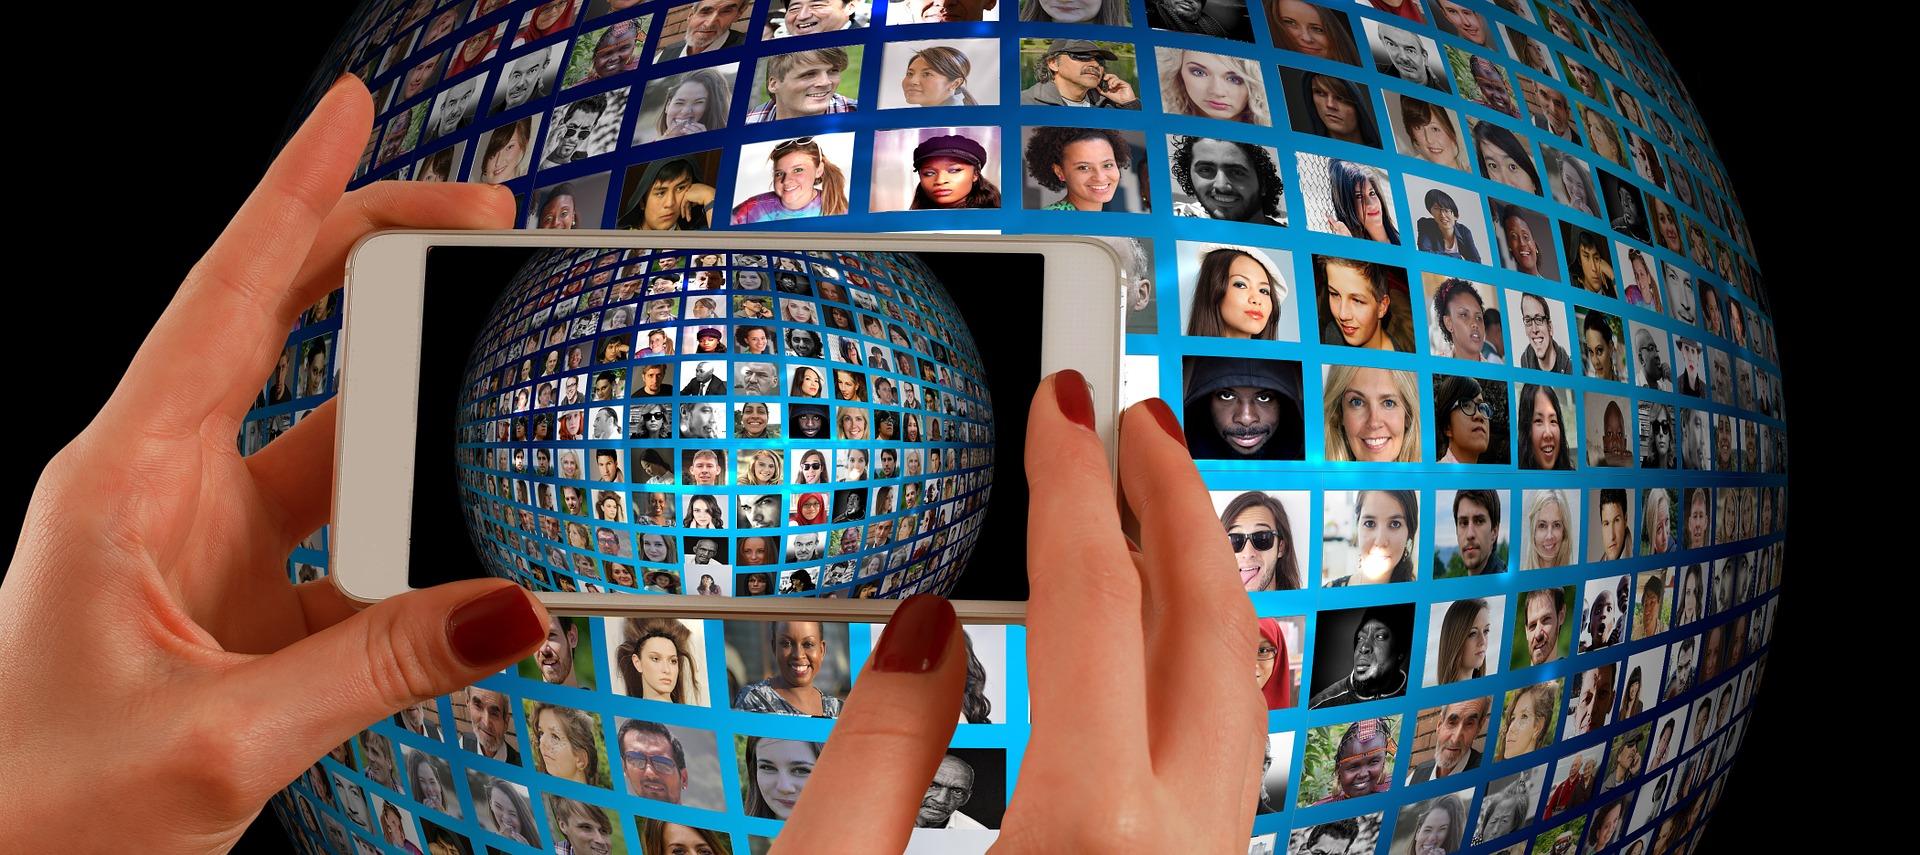 100 milliards d'euros dépensés en applis mobiles en 2018